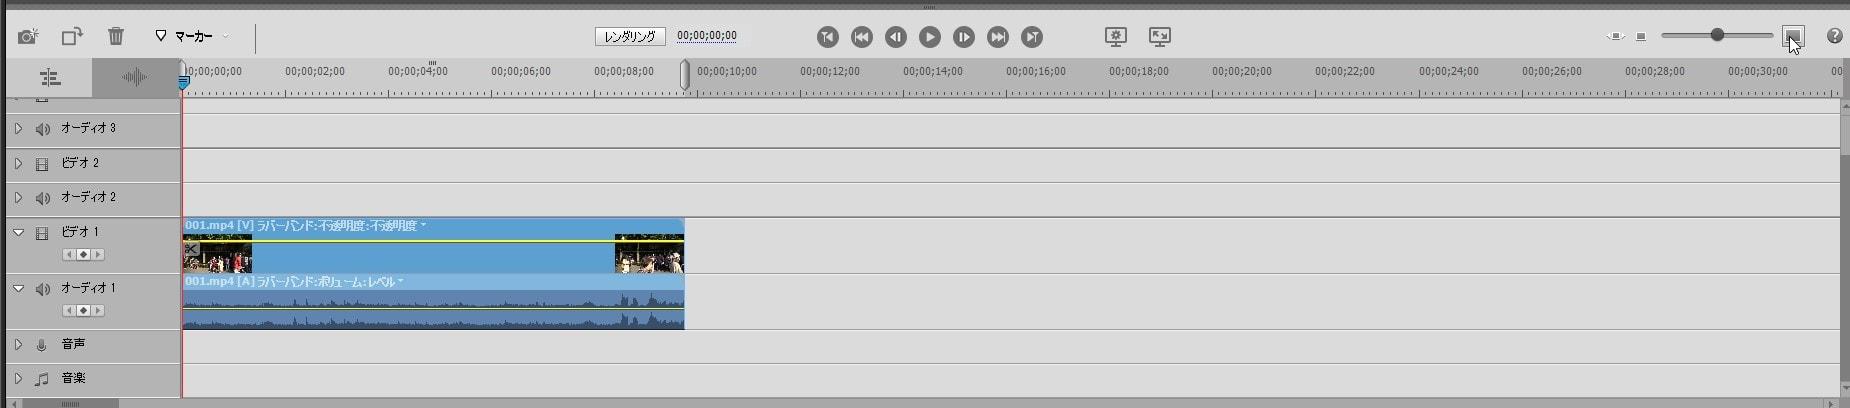 タイムラインを拡大縮小表示する方法 Adobe Premiere Elements2019の使い方(1) 機能の紹介 動画編集ソフト アドビプレミアエレメンツ入門